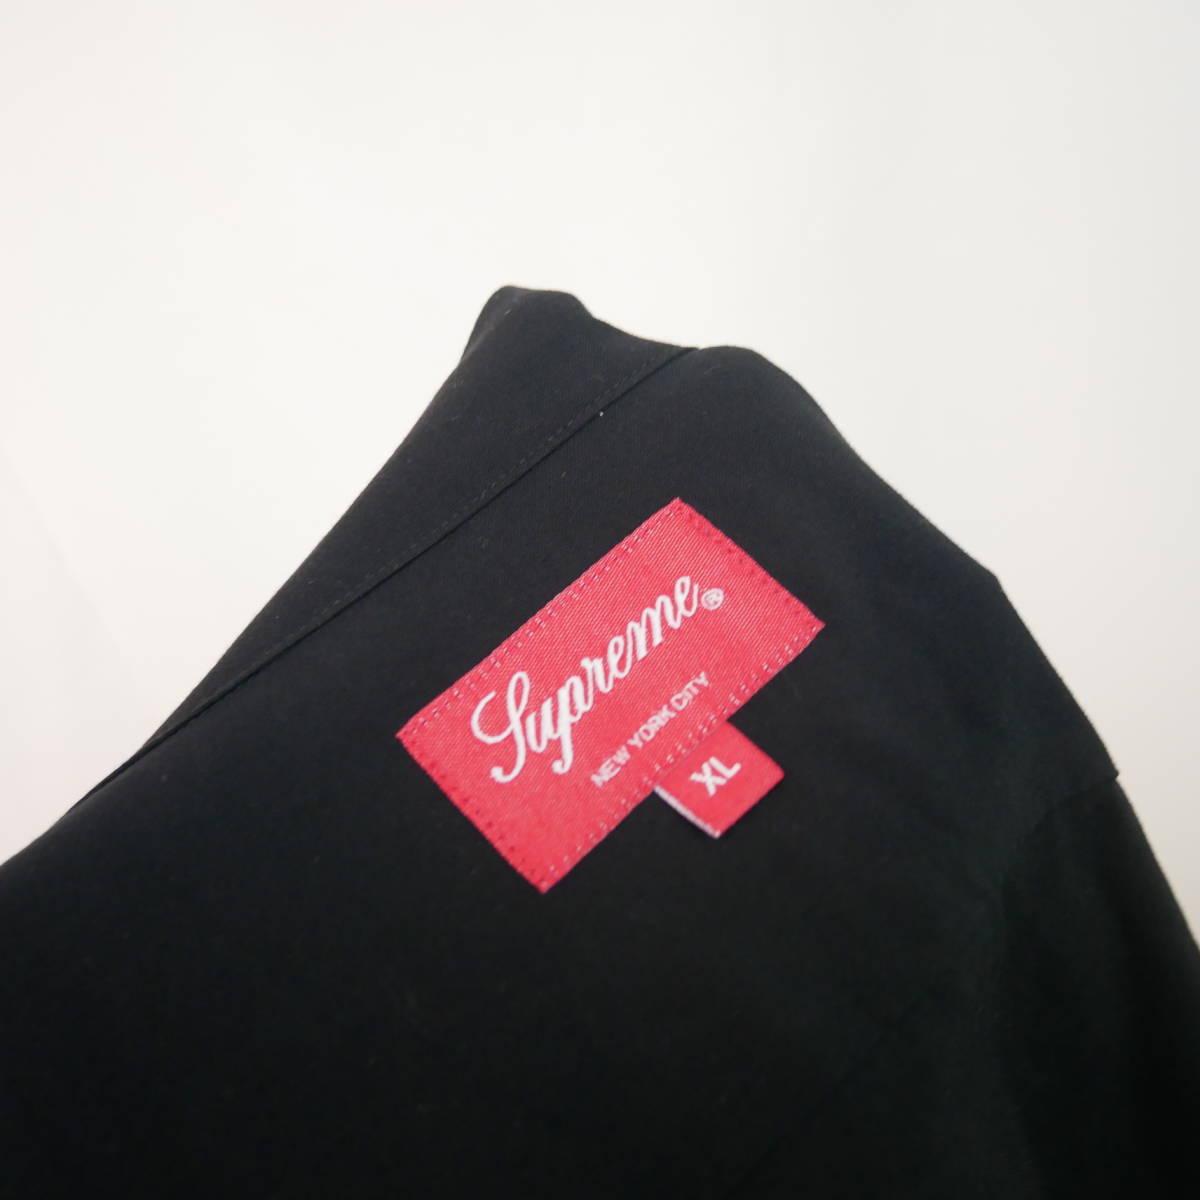 【1円】良好 国内正規 Supreme 18AW 18FW Dragon Rayon Shirt ドラゴンレーヨンシャツ Black 黒 XL_画像5